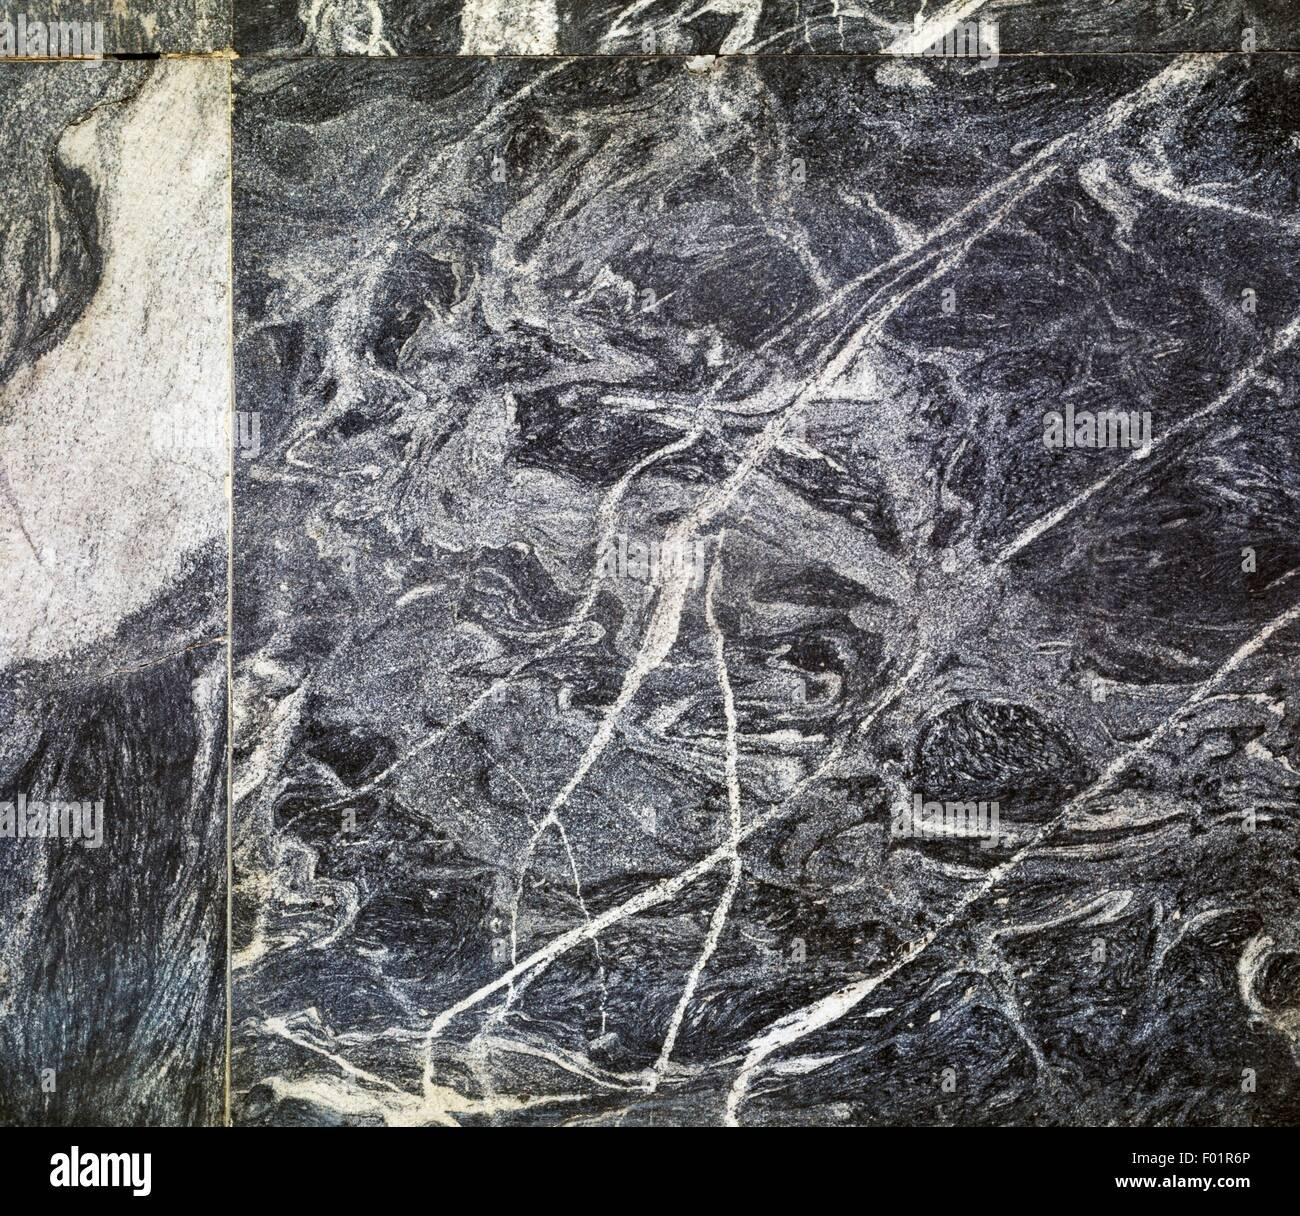 Polished slabs of Migmatite, metamorphicand igneous rock. - Stock Image